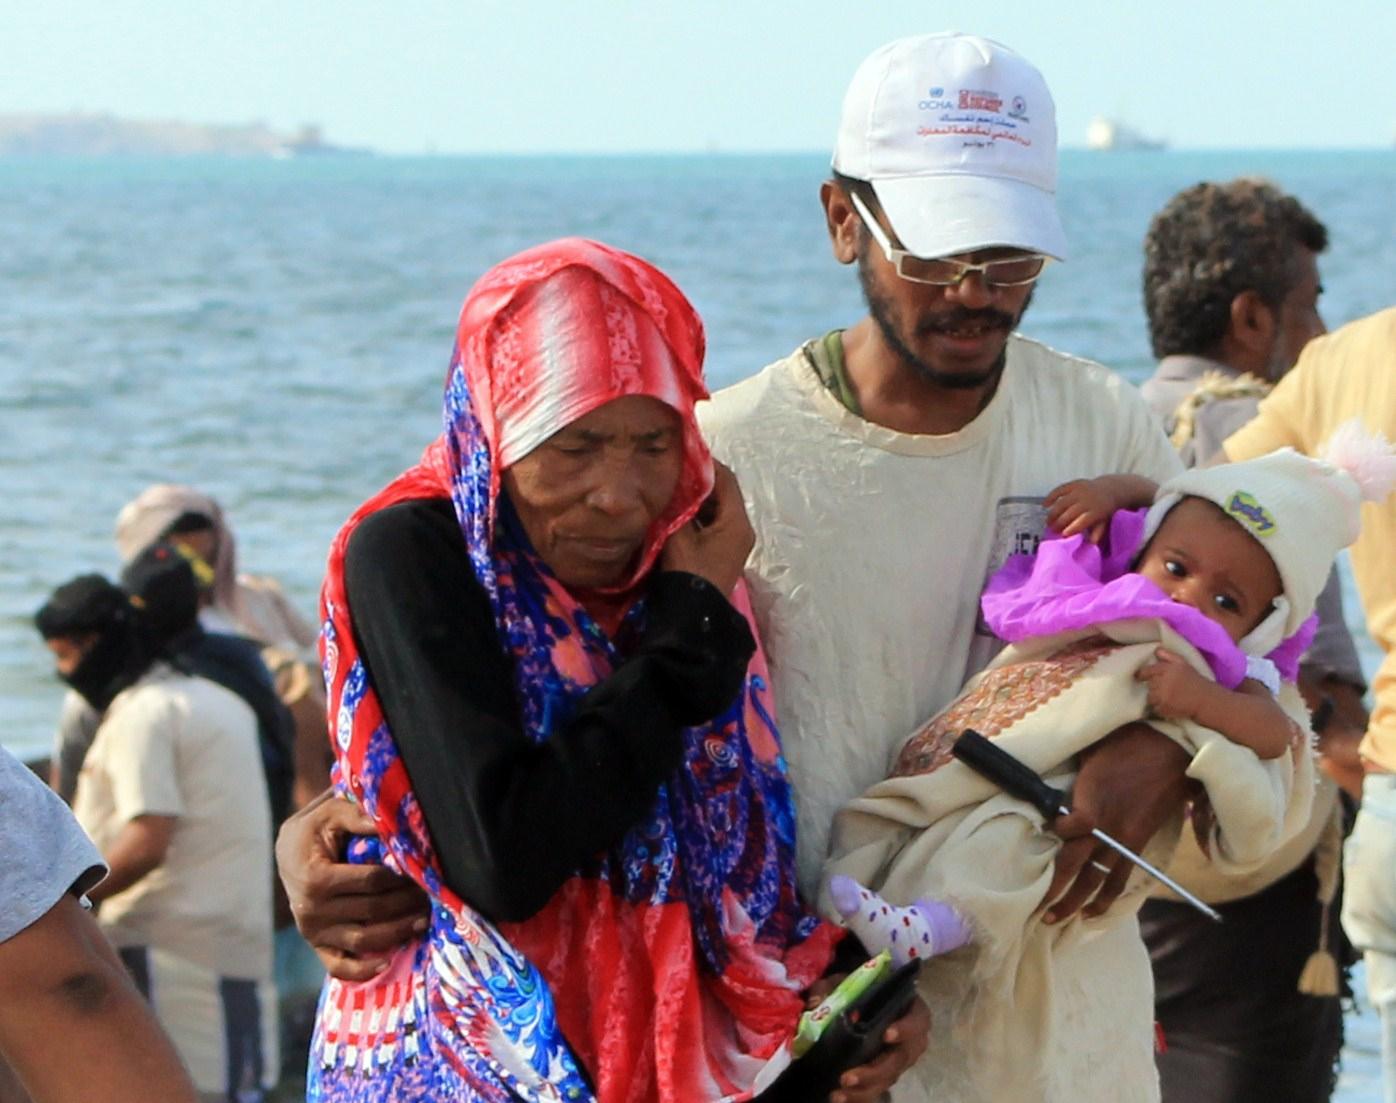 Yemen Aden civilians